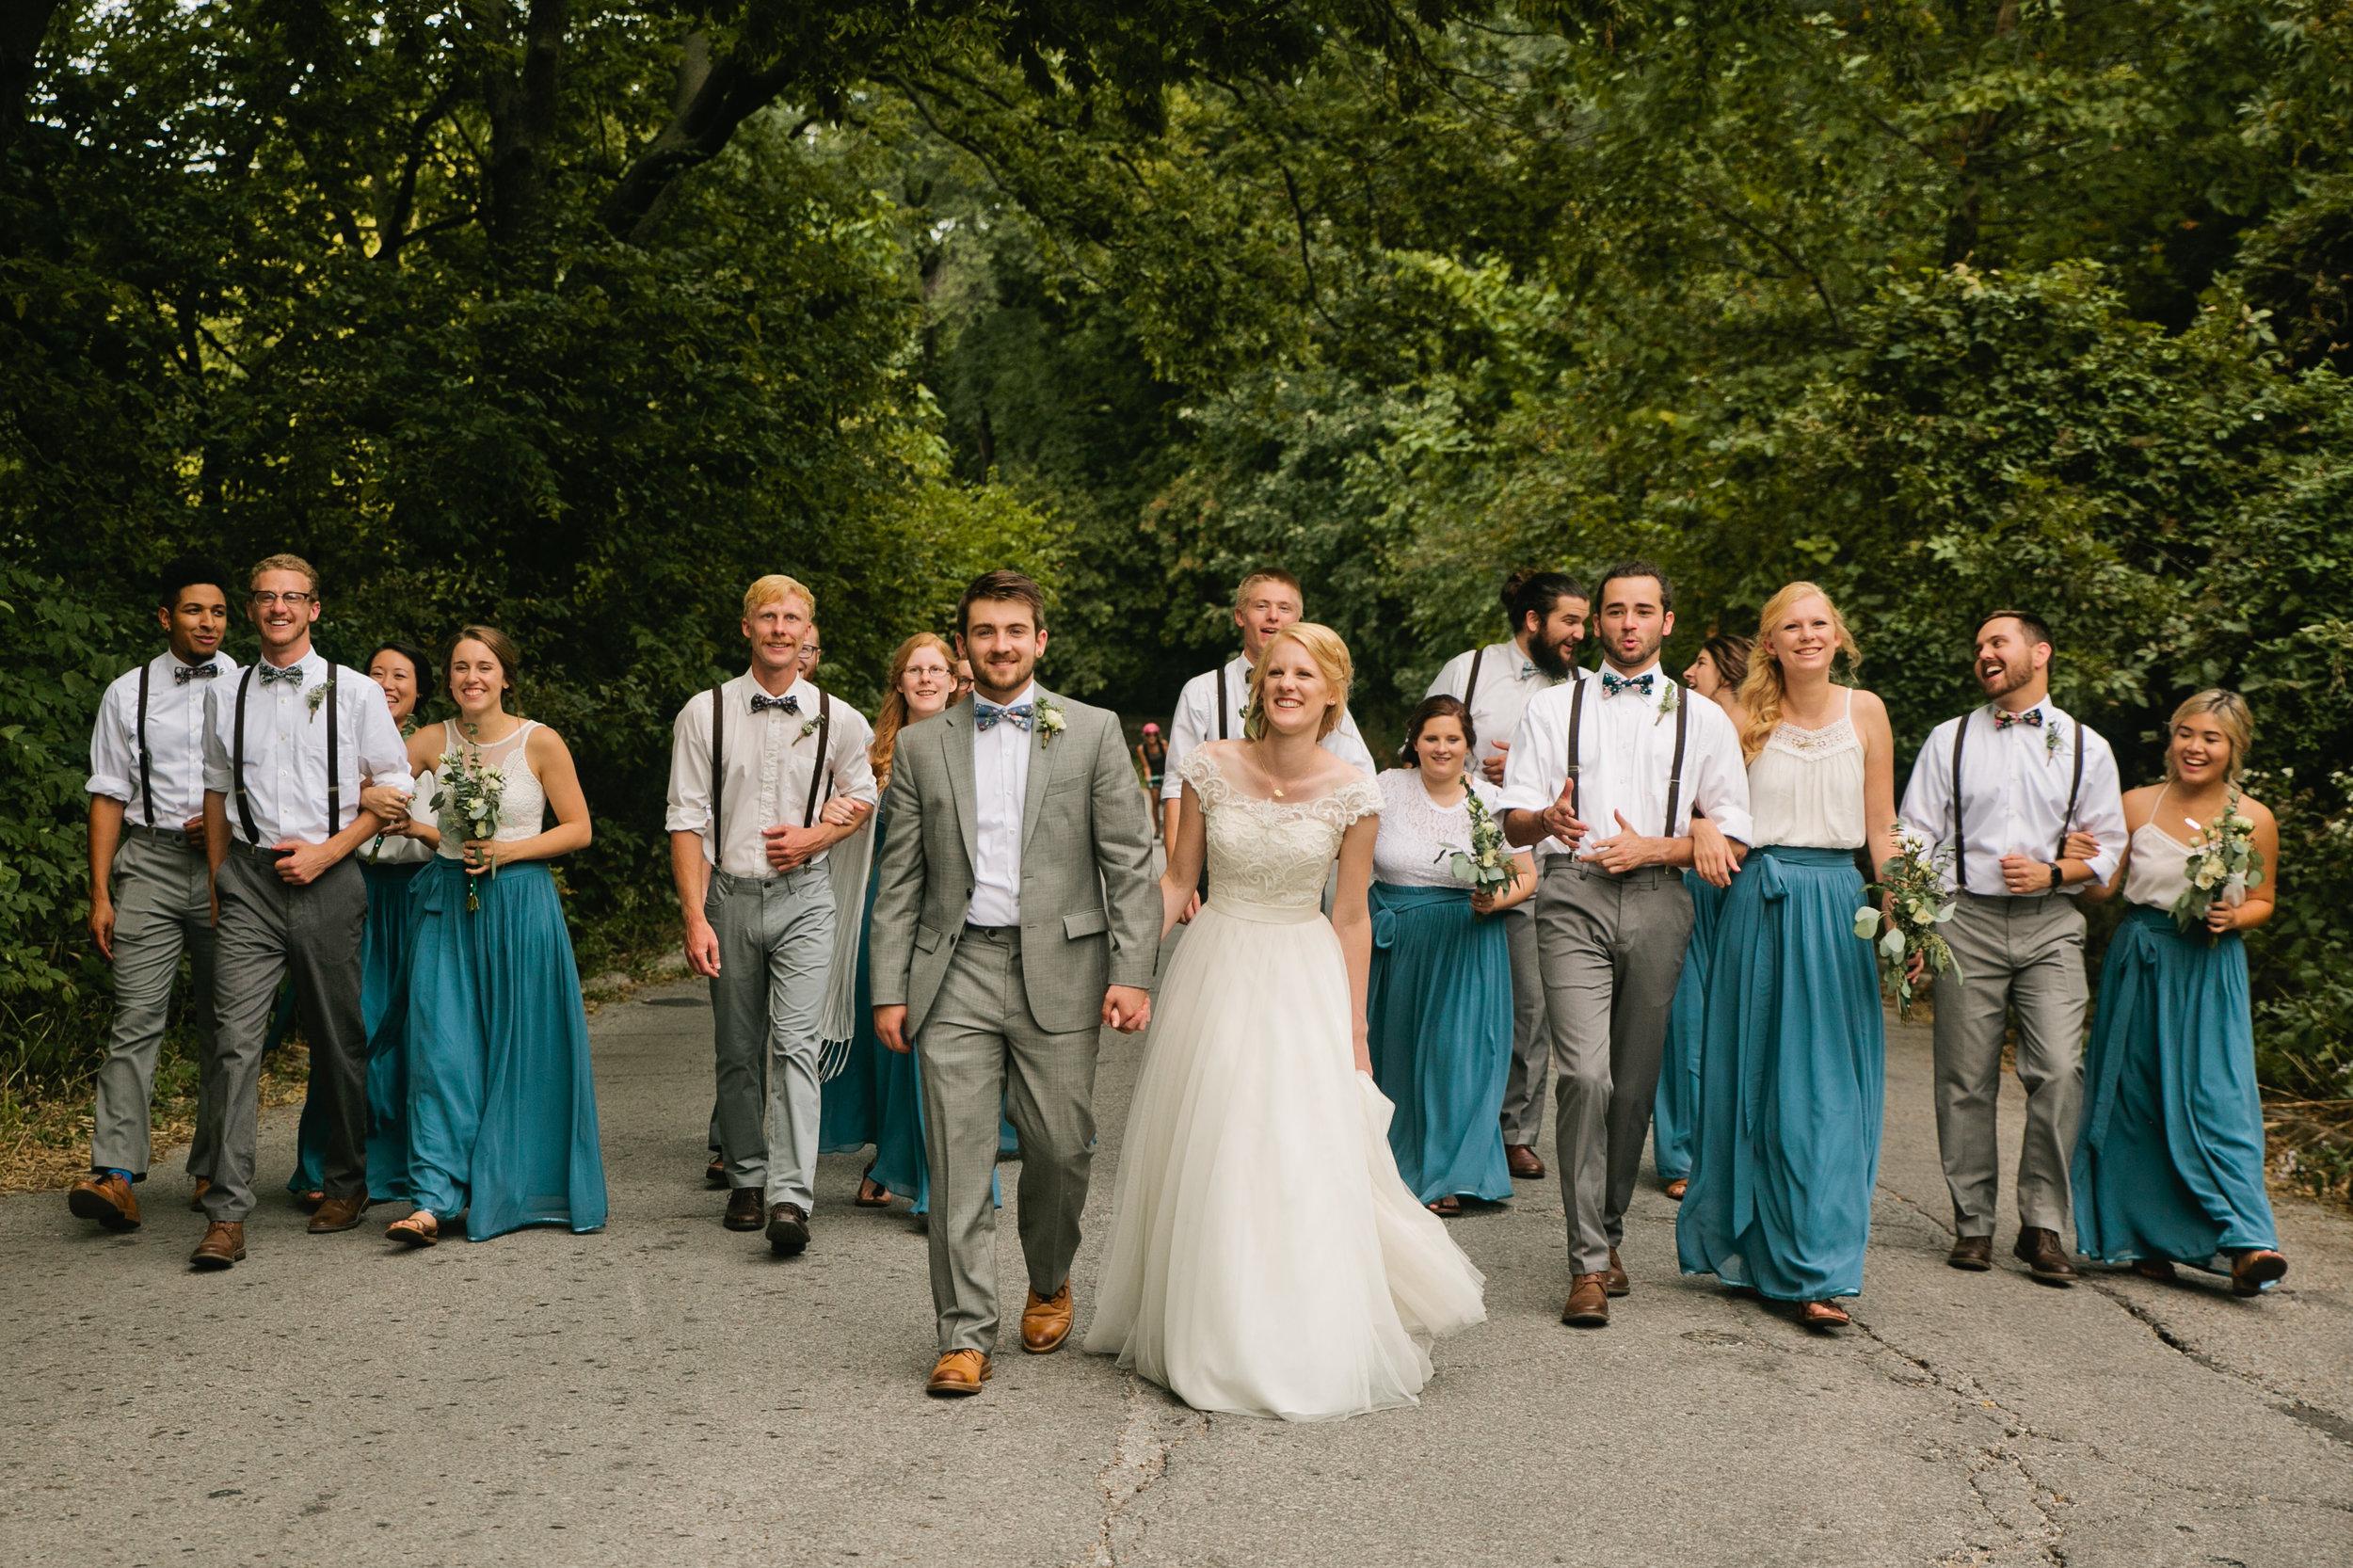 Central Omaha weddings